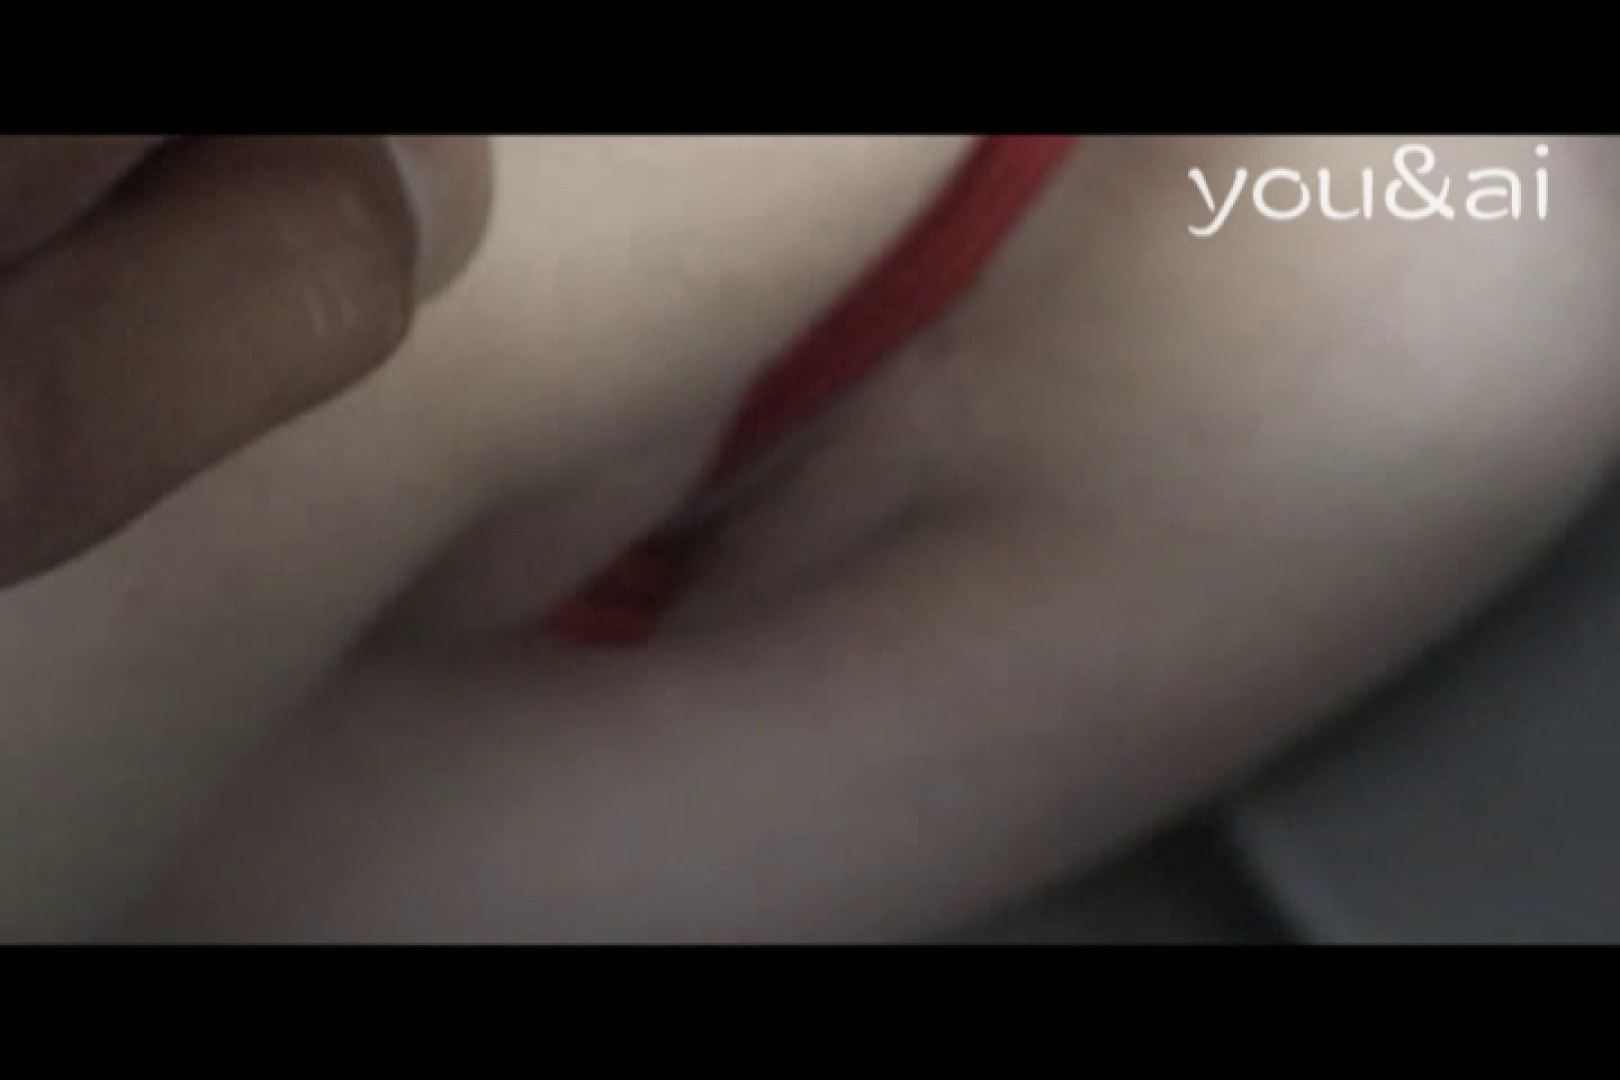 おしどり夫婦のyou&aiさん投稿作品vol.4 SEX 隠し撮りオマンコ動画紹介 104枚 18